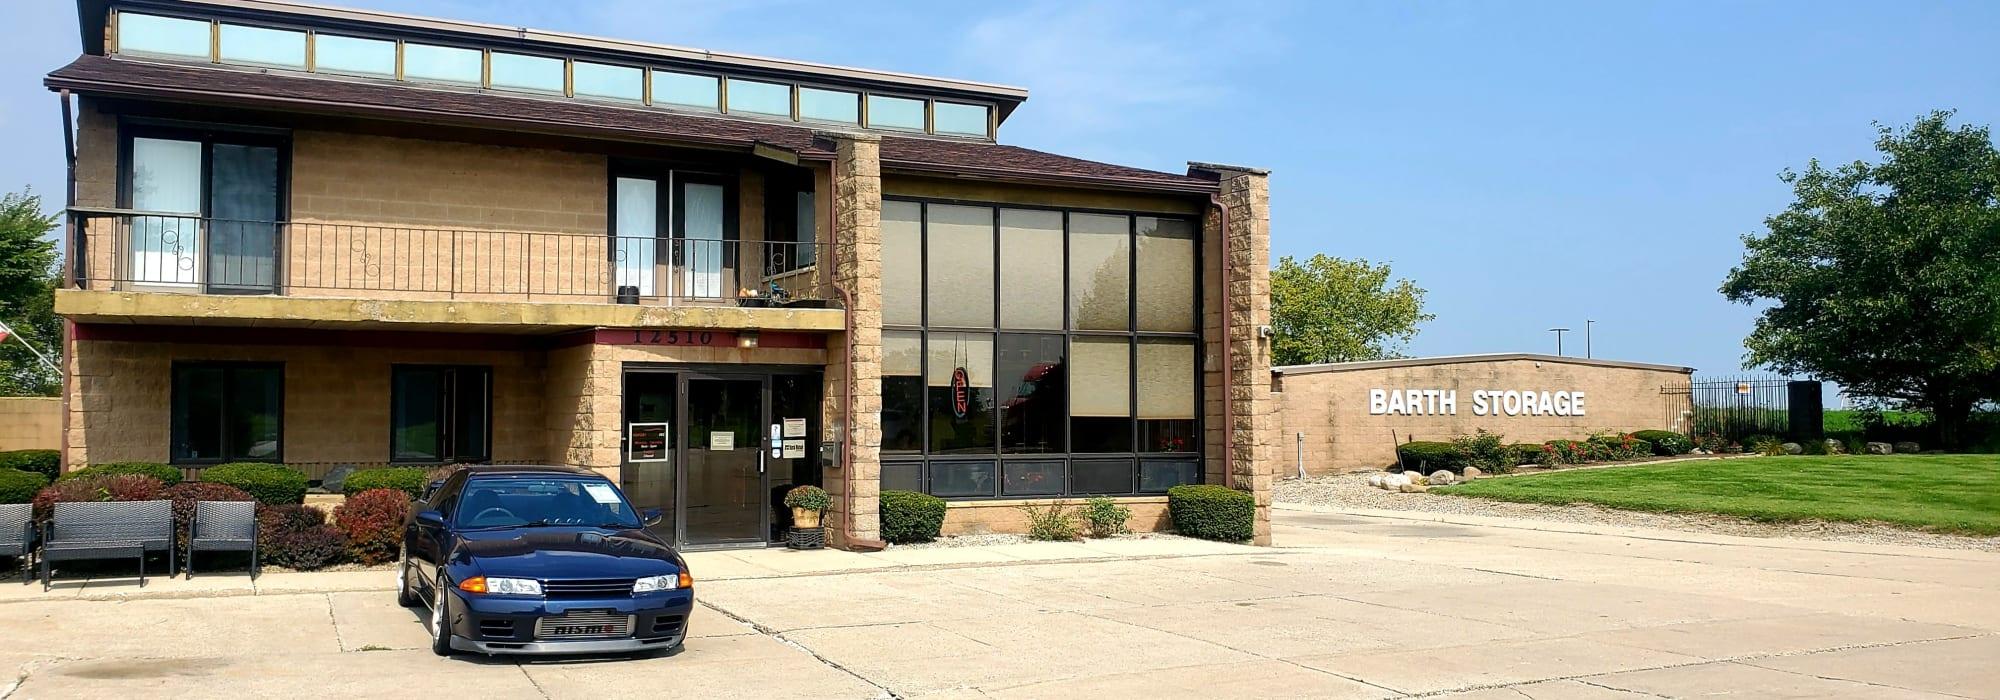 Barth Storage - 75th St in Bristol, Wisconsin